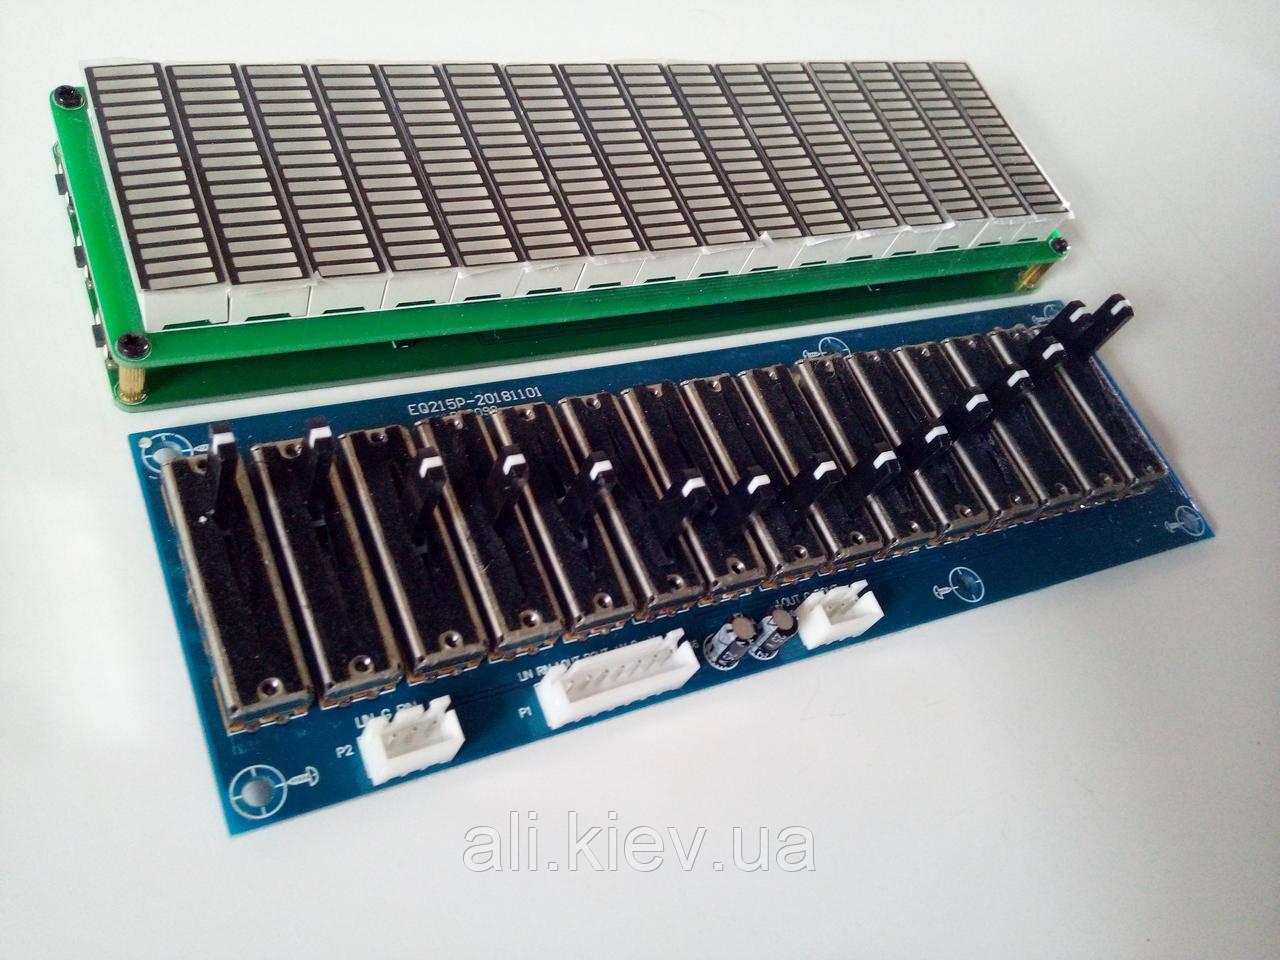 Набор эквалайзер + спектро-анализатор звука 16 полосный, много режимный АРУ . Комплект DIY